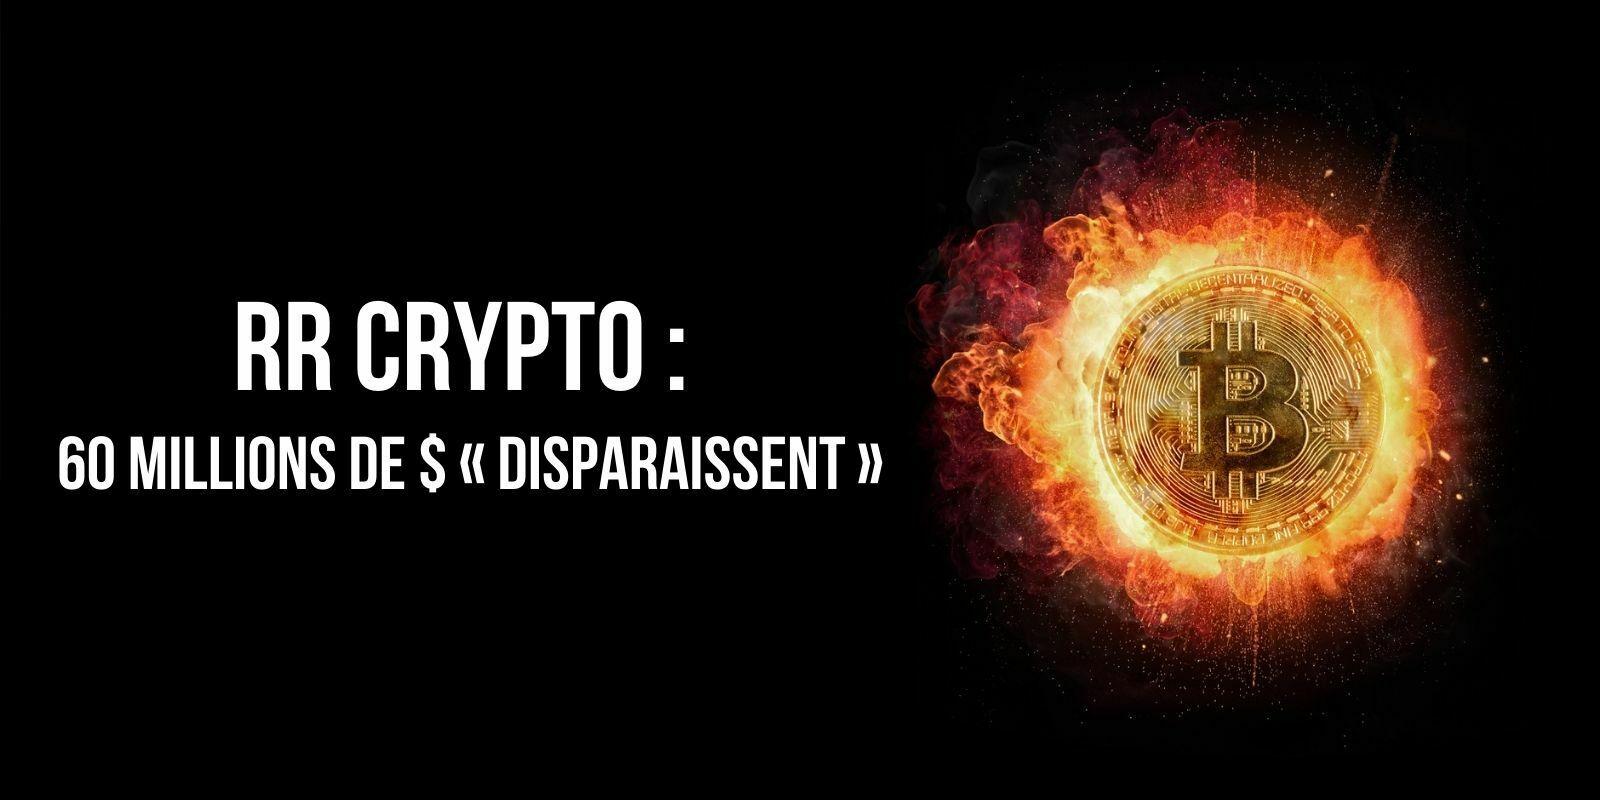 Les fonds des 4 500 membres de l'association dijonnaise RR Crypto « disparaissent » – Plus de 60 millions de dollars perdus ?